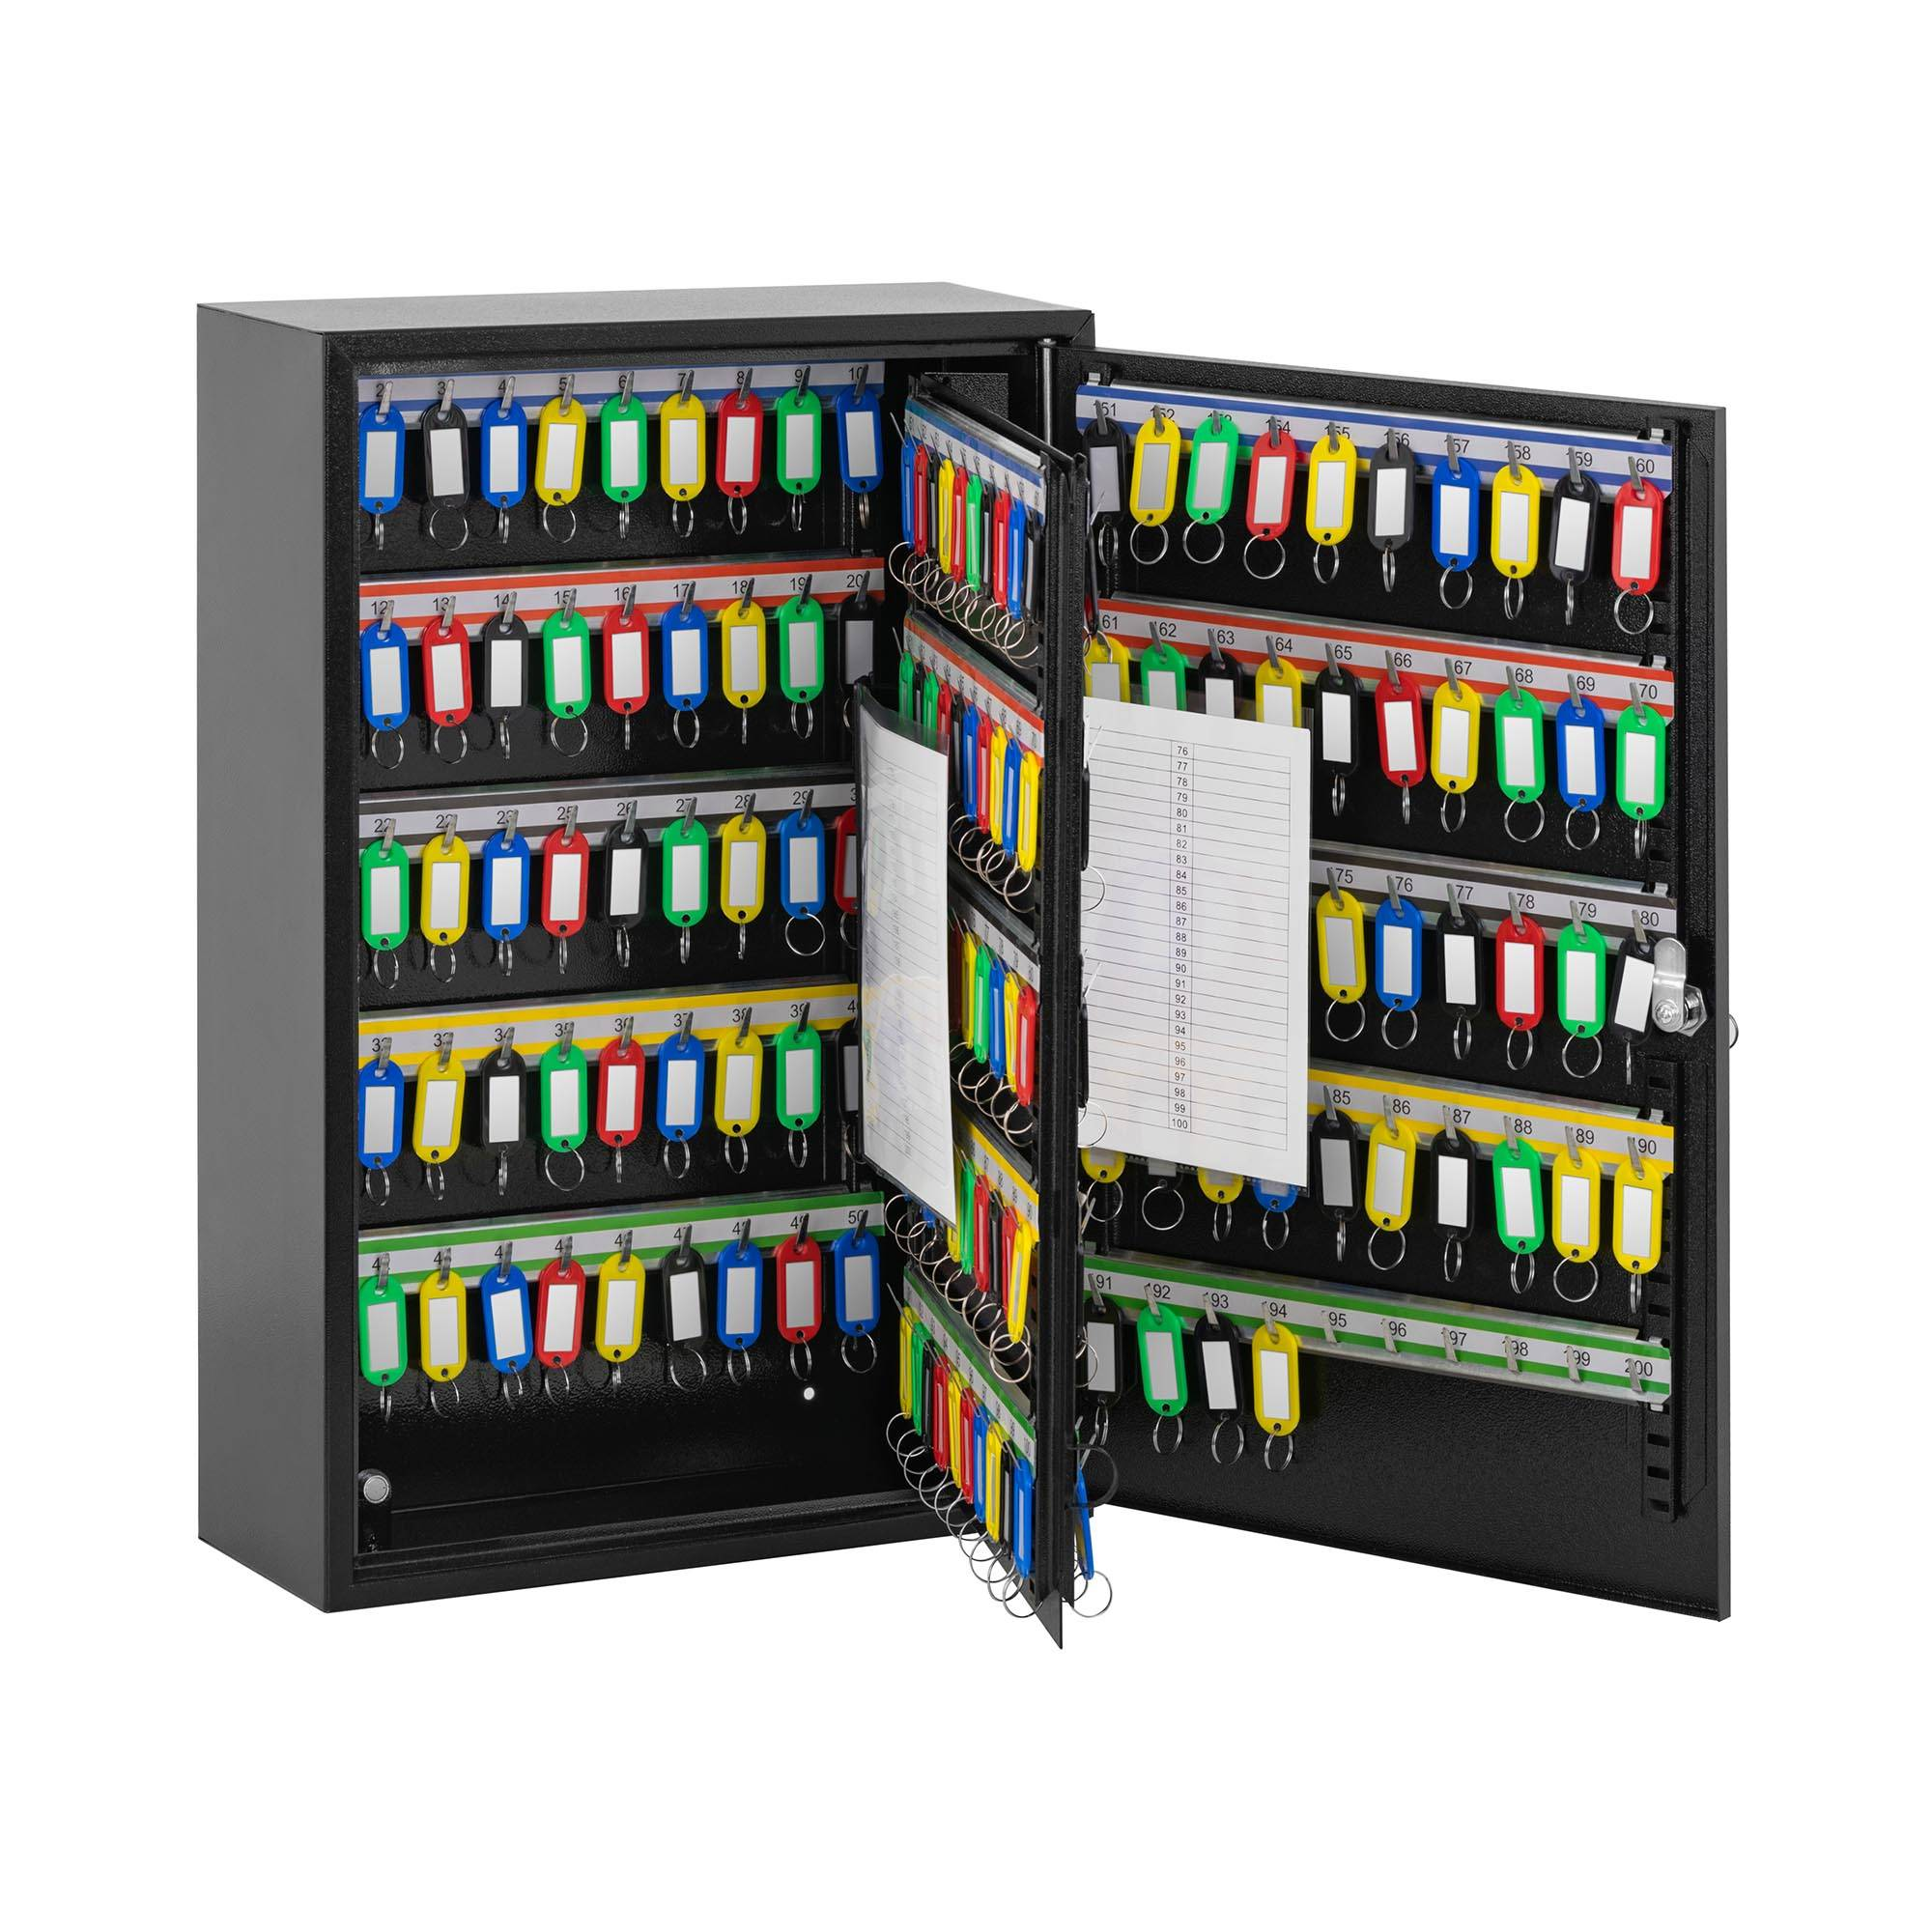 Stamony Boîte à clés - Pour 200 clés - Porte-clés compris ST-KB-200